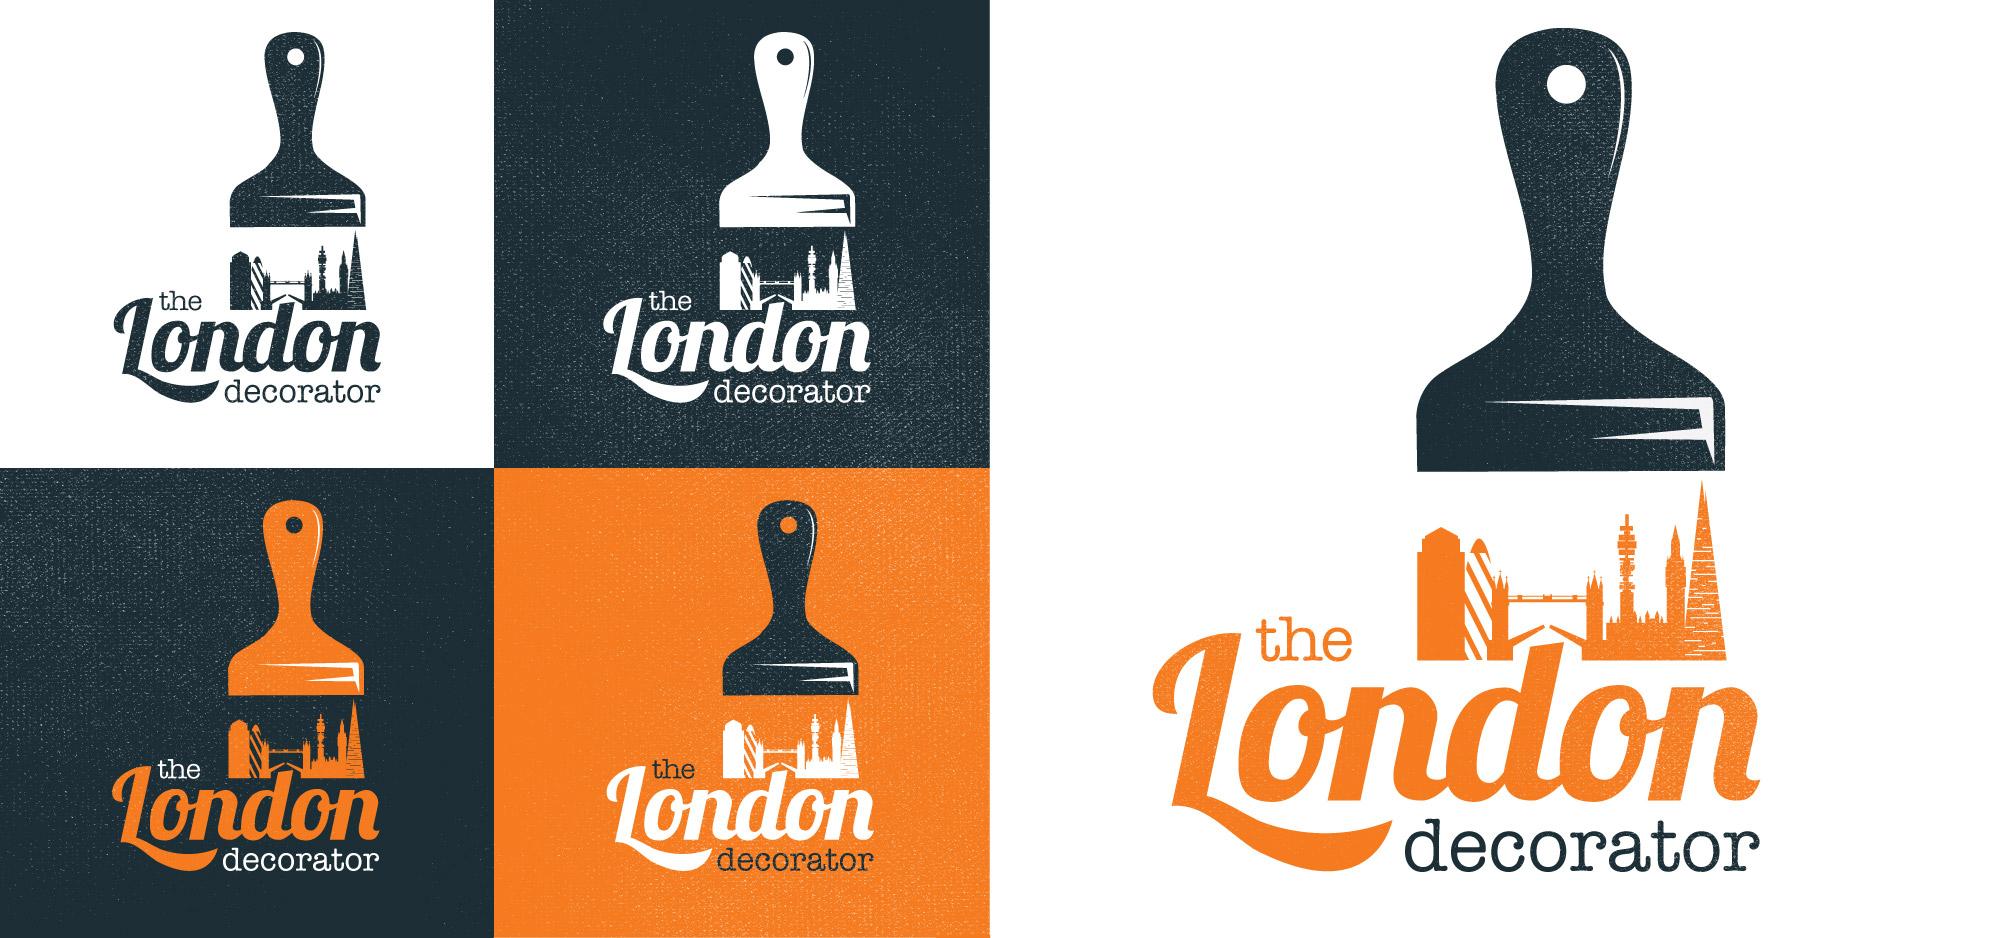 london_decorator_logo_1